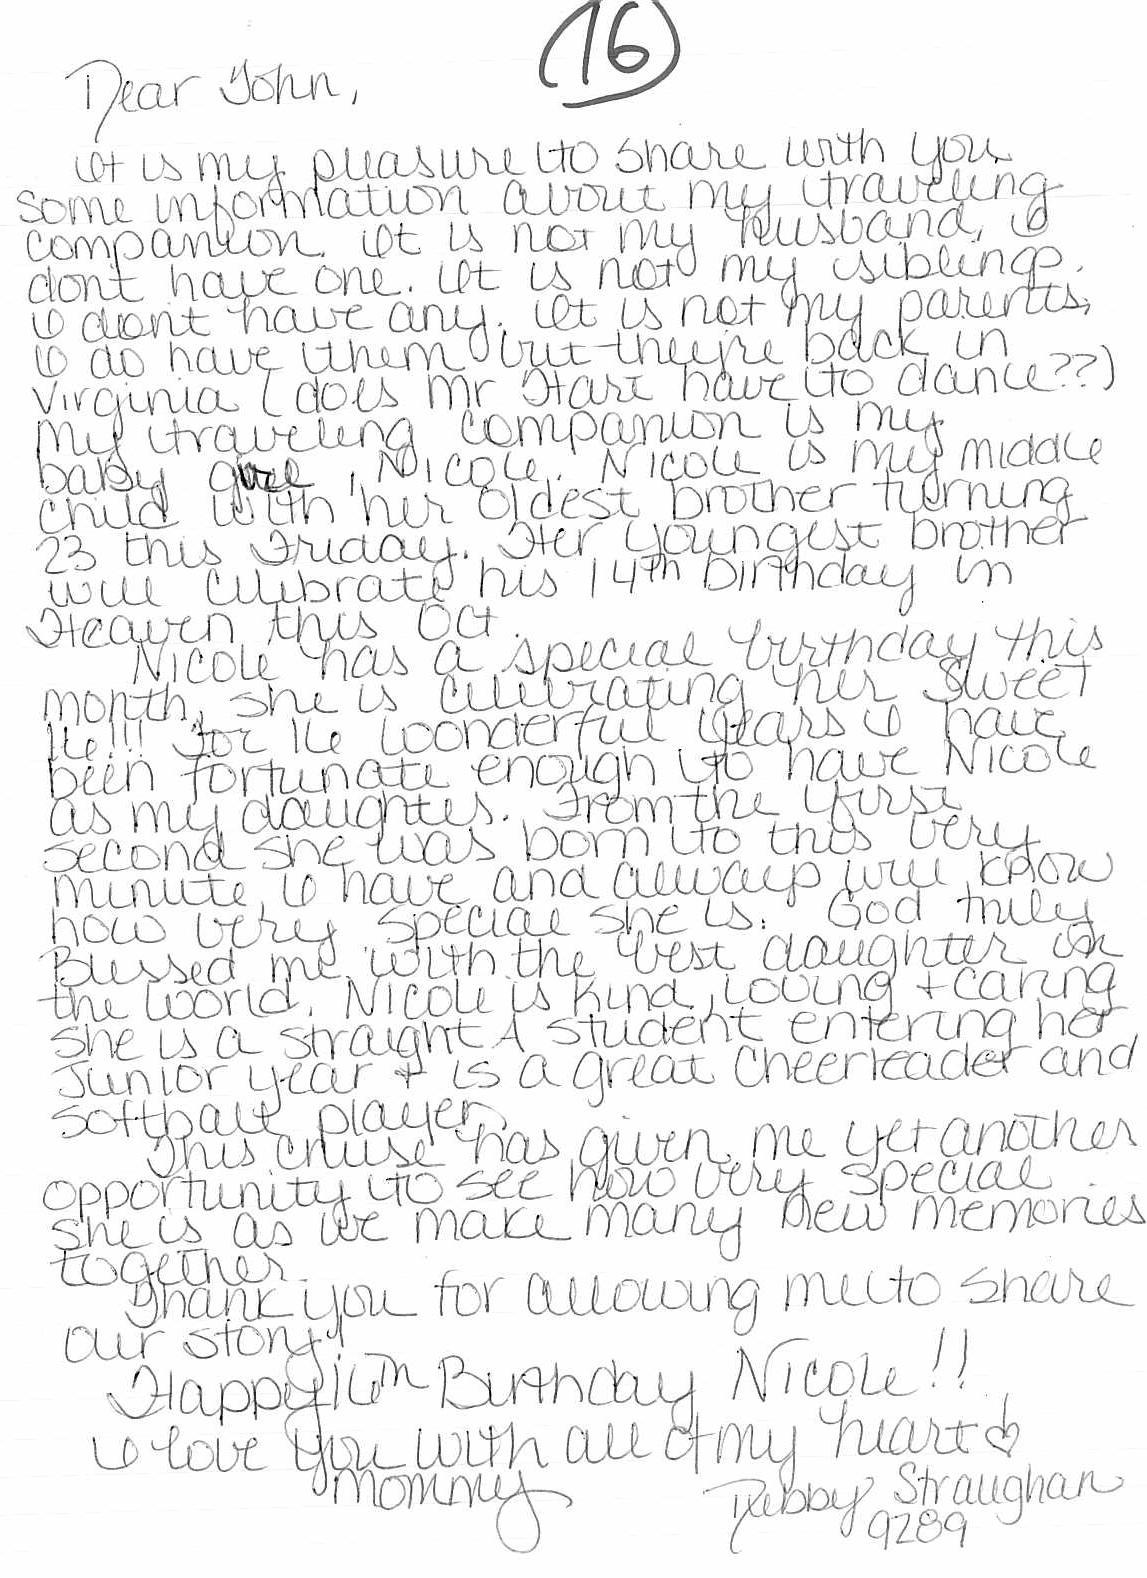 Dear John Letter 6